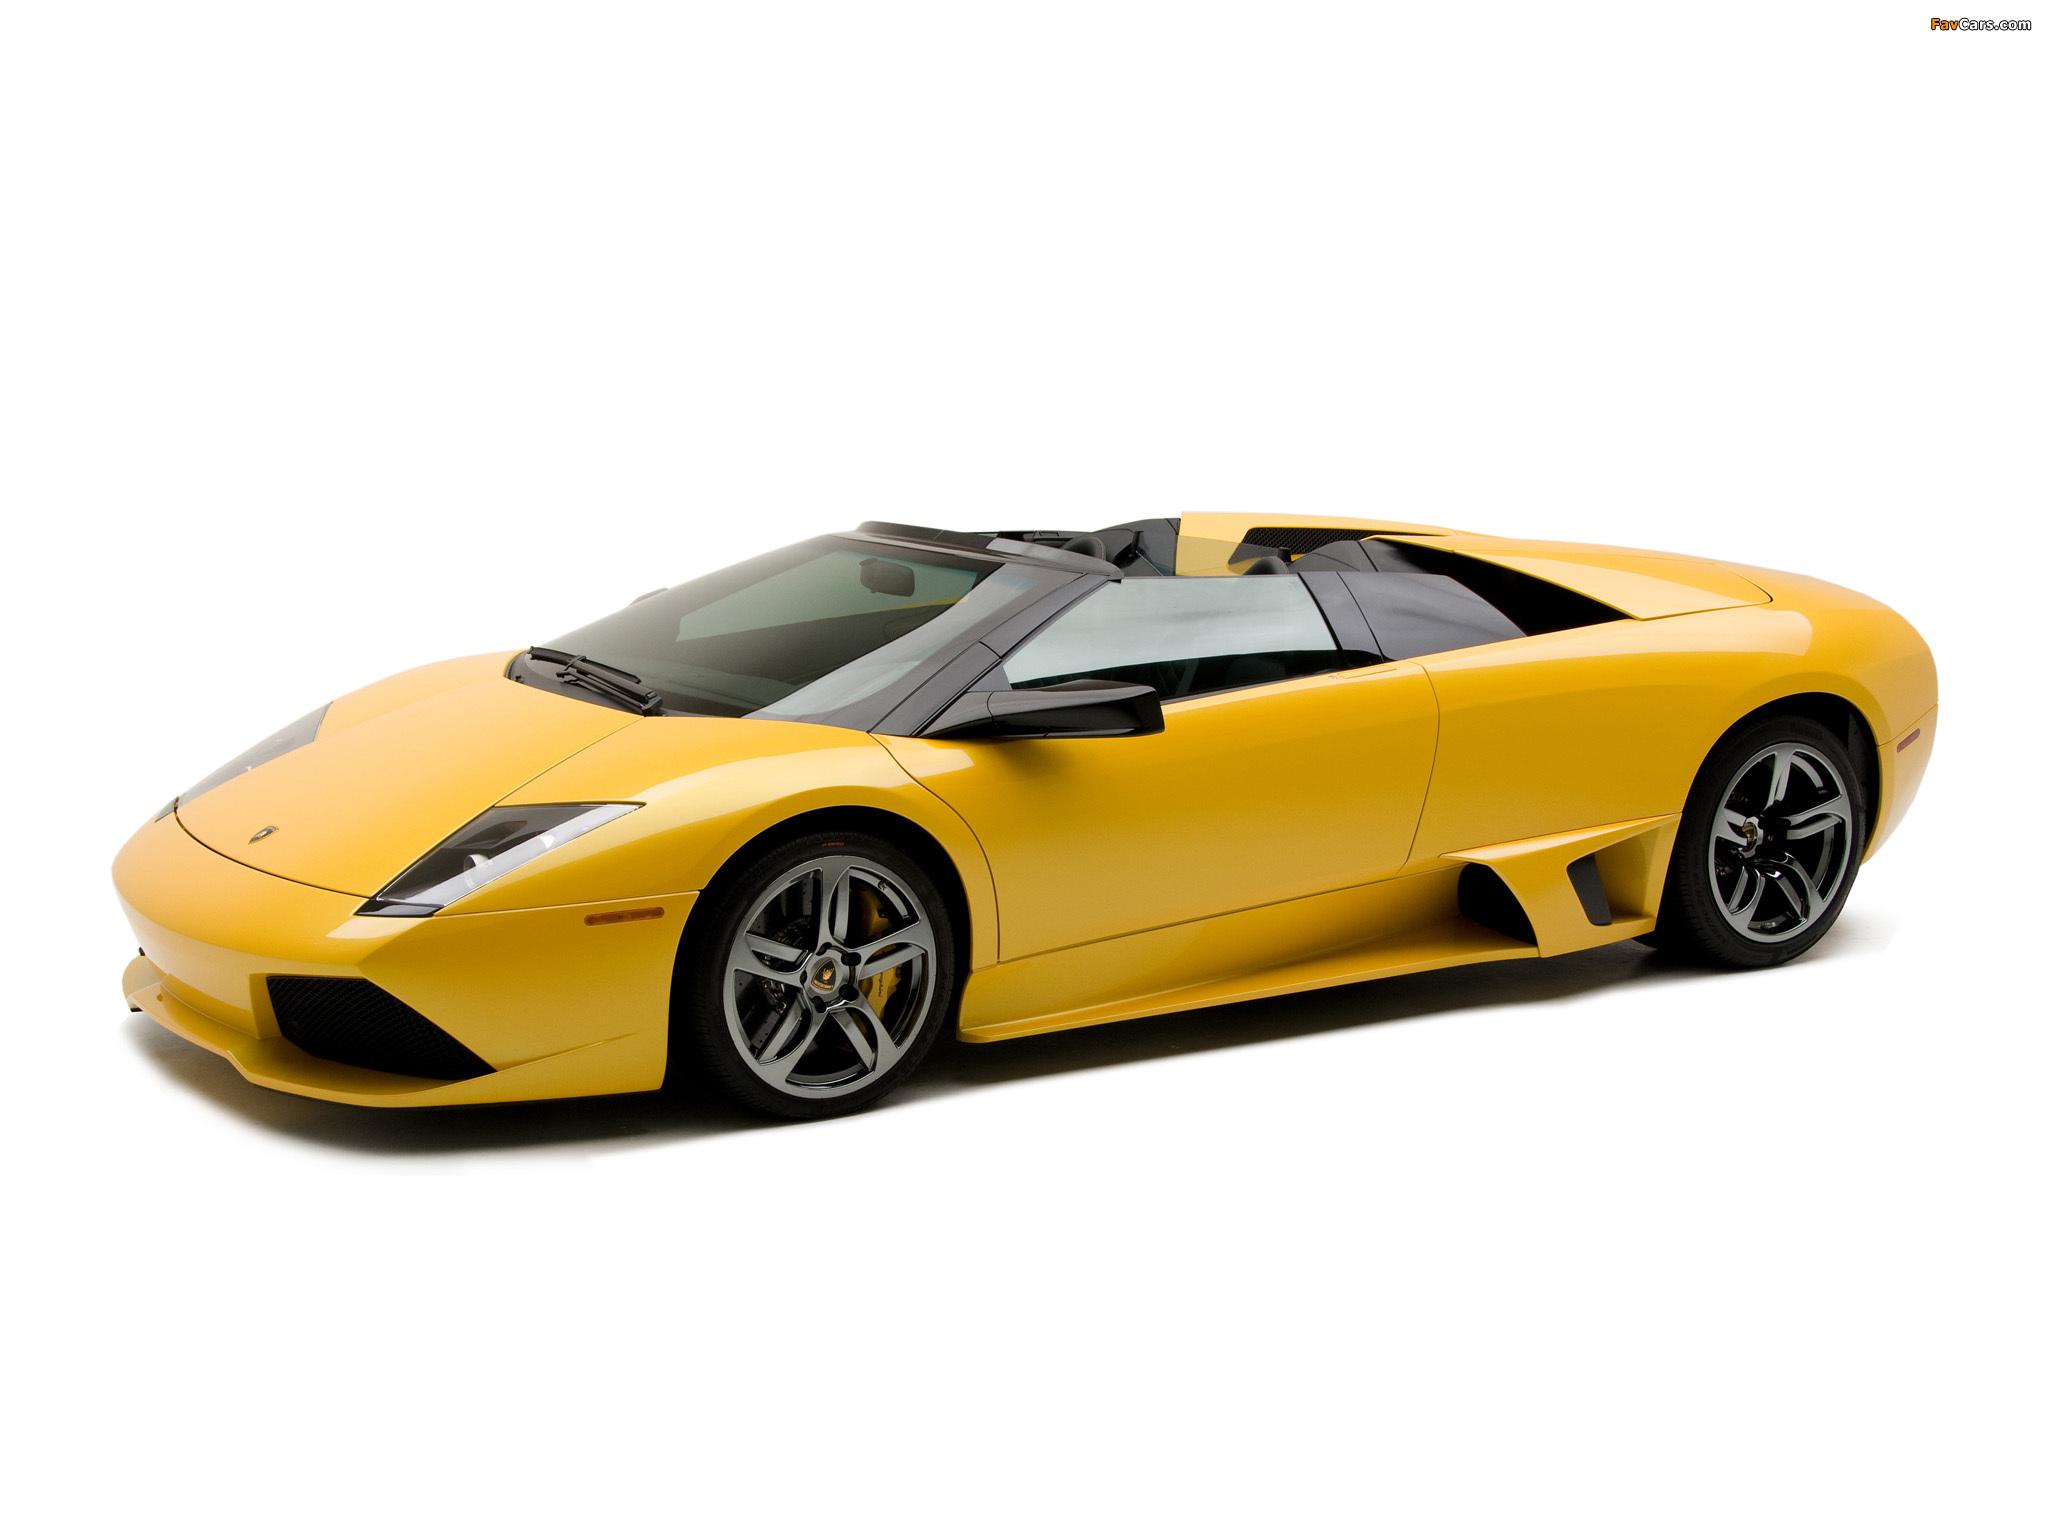 Обои Lamborghini Aventador LP 700-4 Vorsteiner Tuning Car, оранжевый, hd. Автомобили foto 17